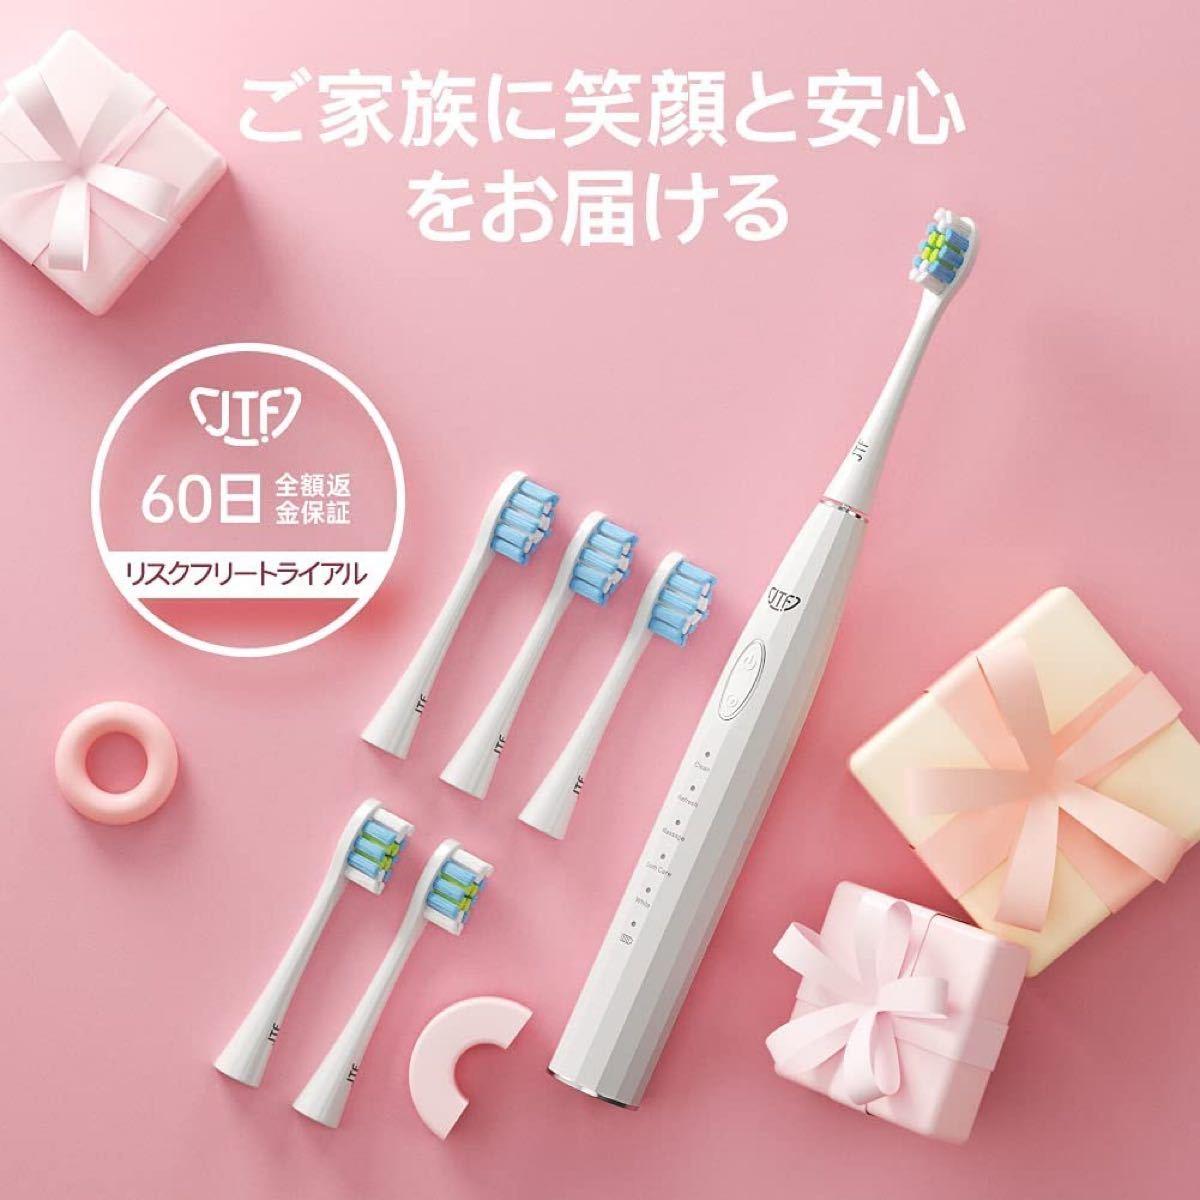 電動歯ブラシ 音波歯ブラシ 2種類のブラシヘッド 朝と夜では異なる体験 歯垢除去